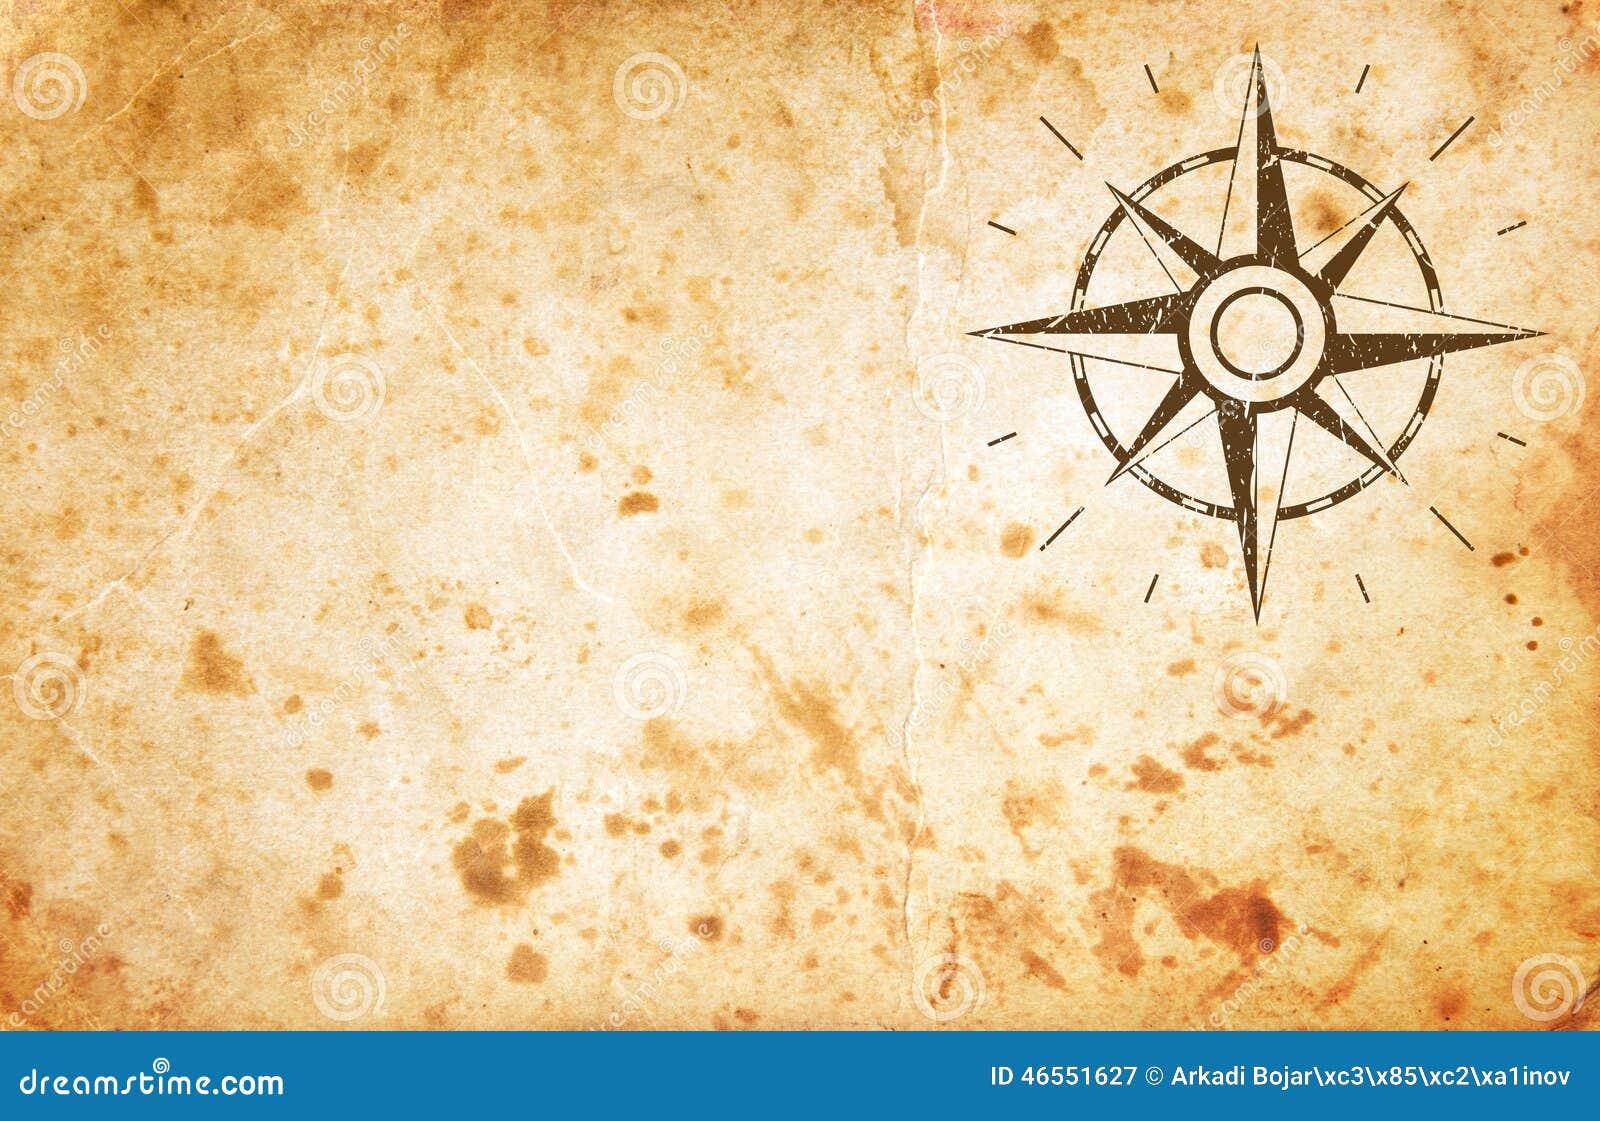 Old map stock image. Image of led, marin, blank, marine - 46551627 Old Map Background on